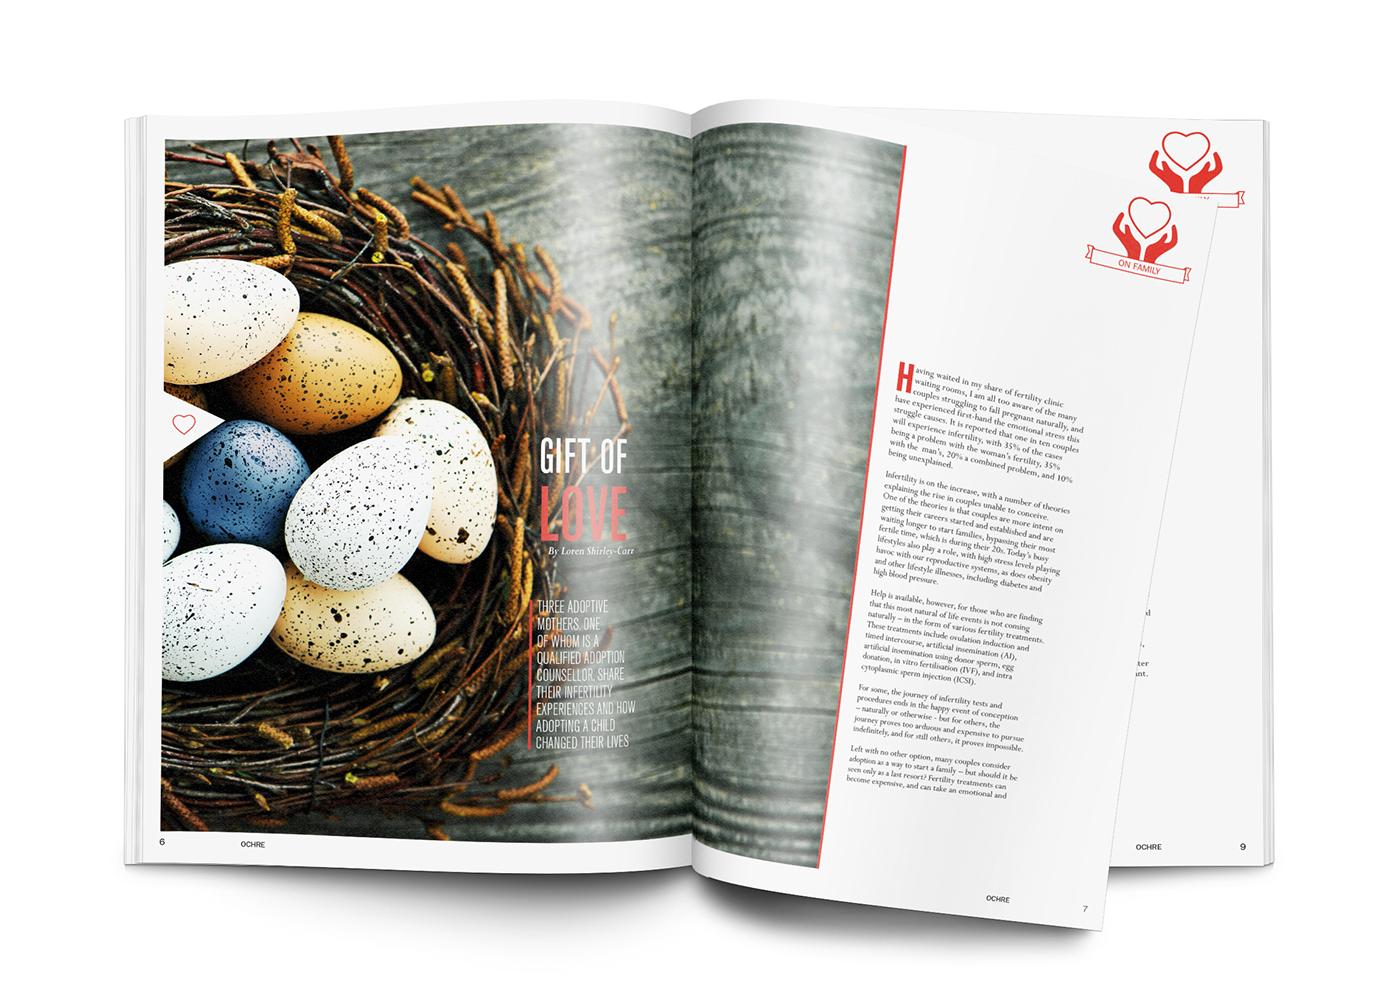 Layout magazine postcard advertisement